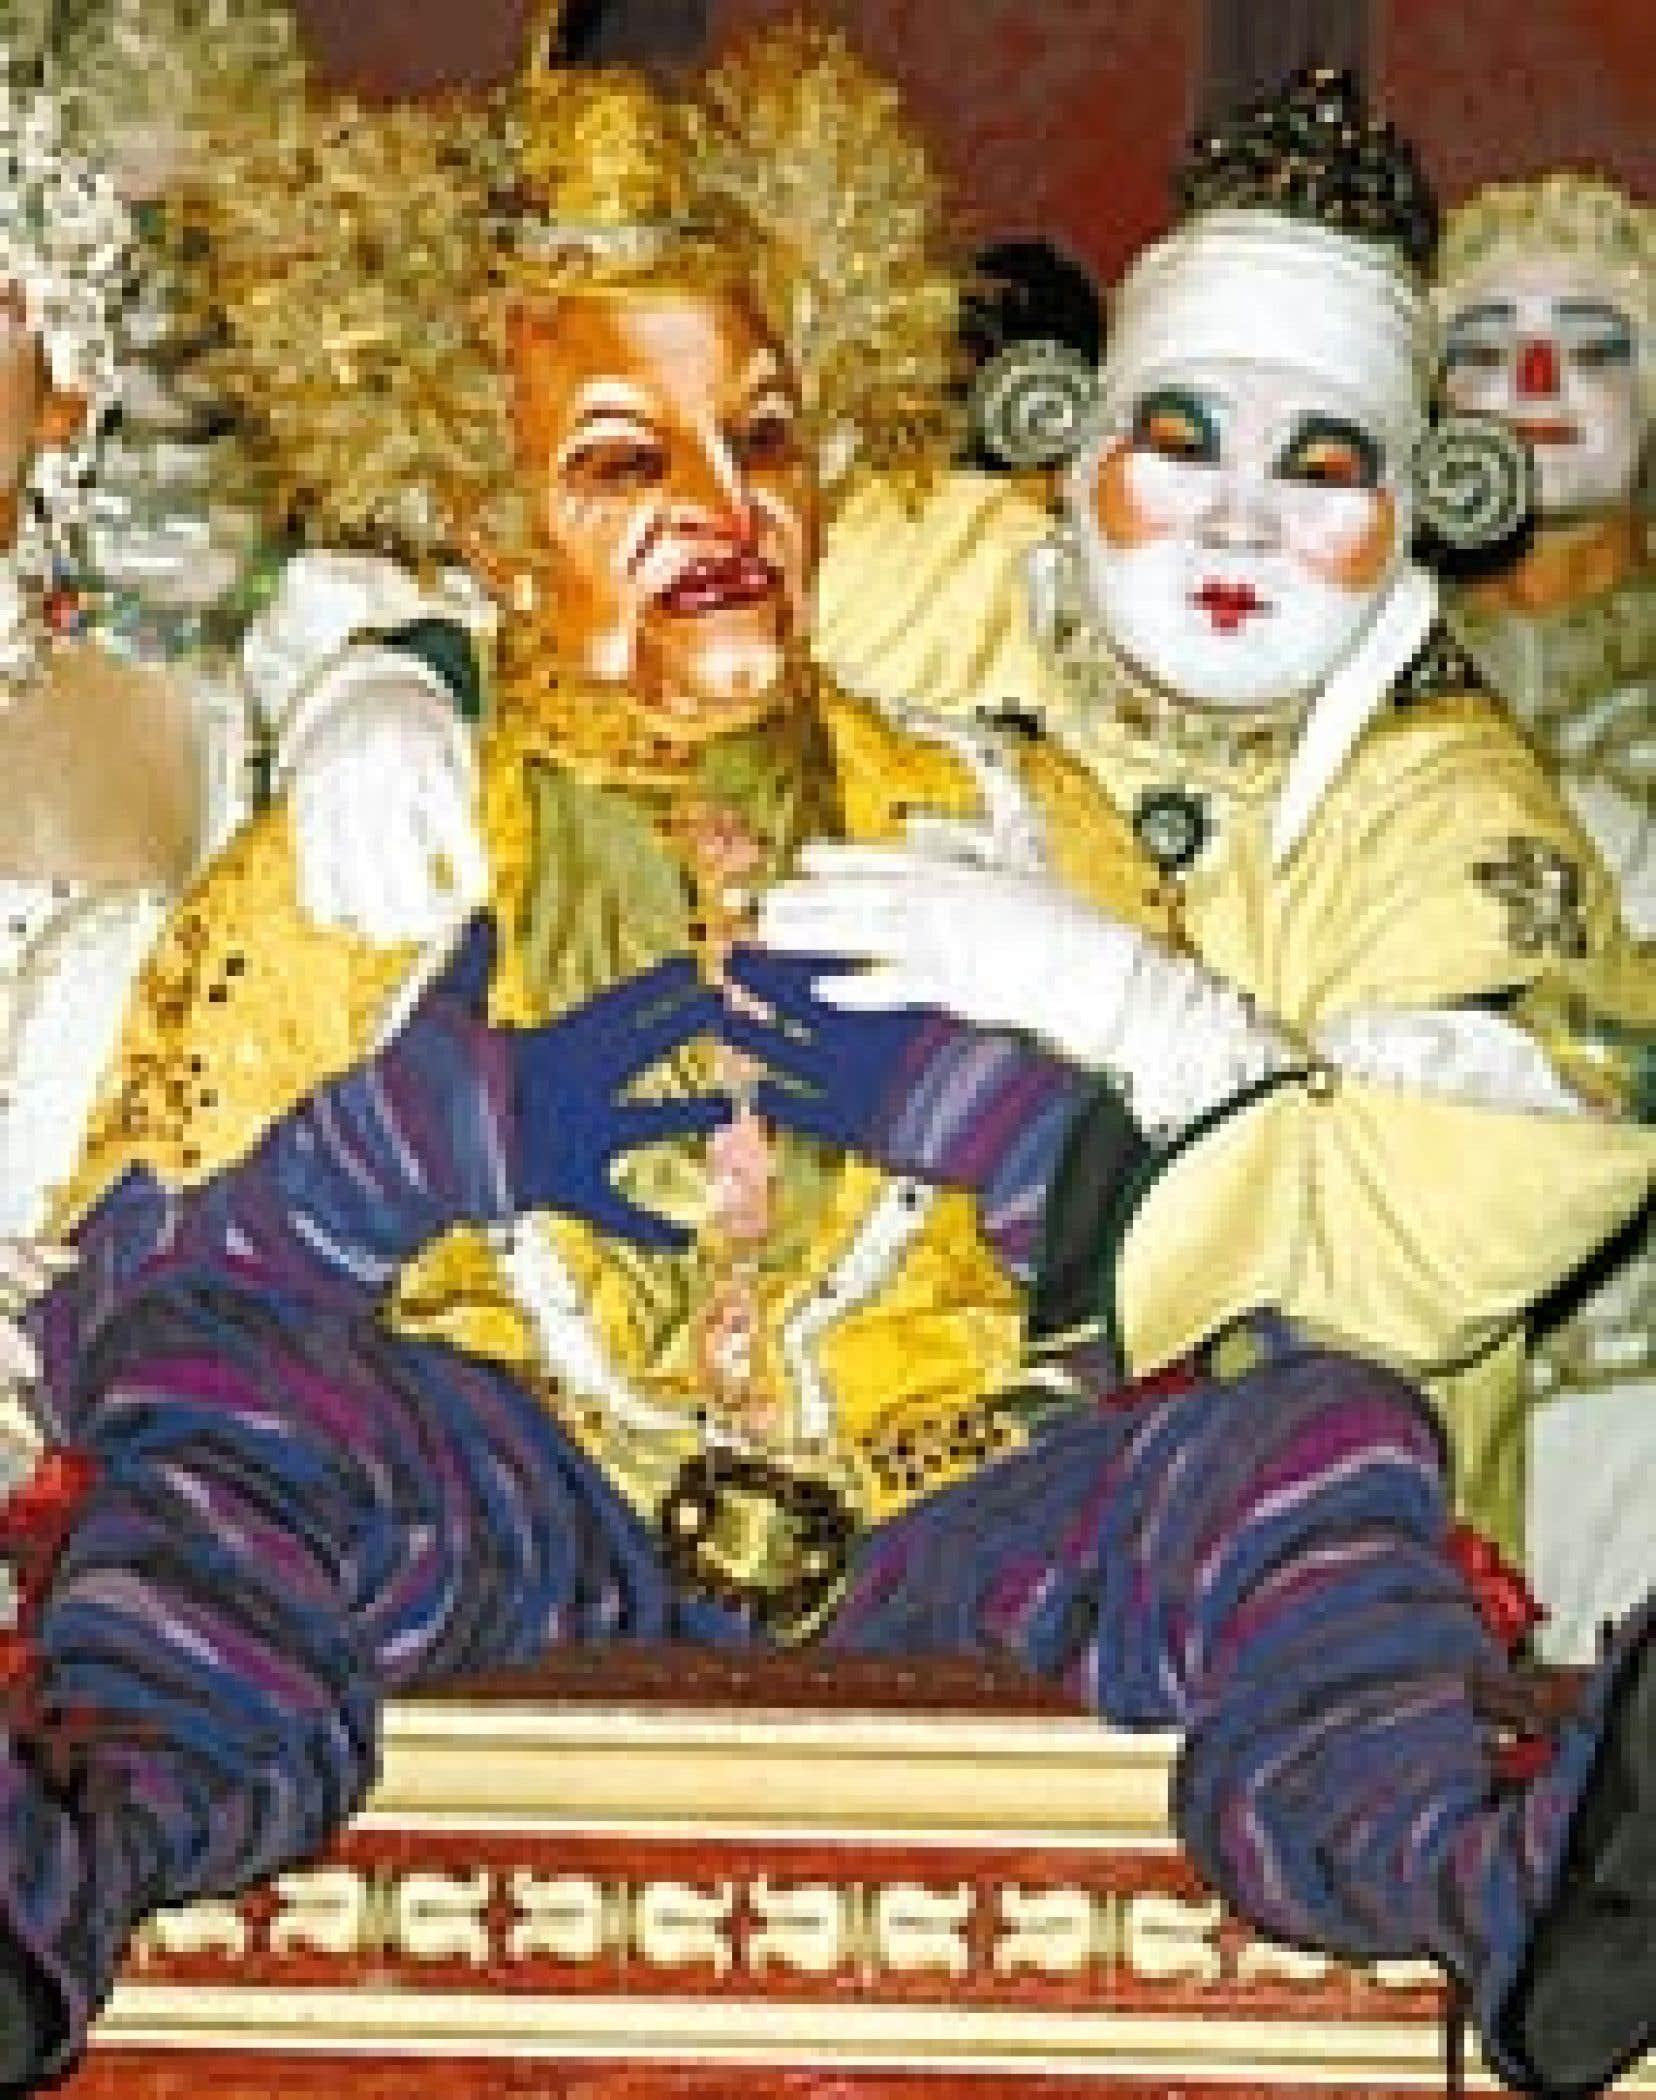 Pour le Cirque du Soleil, Franco Dragone a mis en scène La Magie continue (1986), Le Cirque réinventé (1987), Nouvelle expérience (1990), Saltimbanco (1992), Mystère (1993), Alegria (1994), Quidam (1996), La Nuba et O (1998). Il n'a donc réalisé